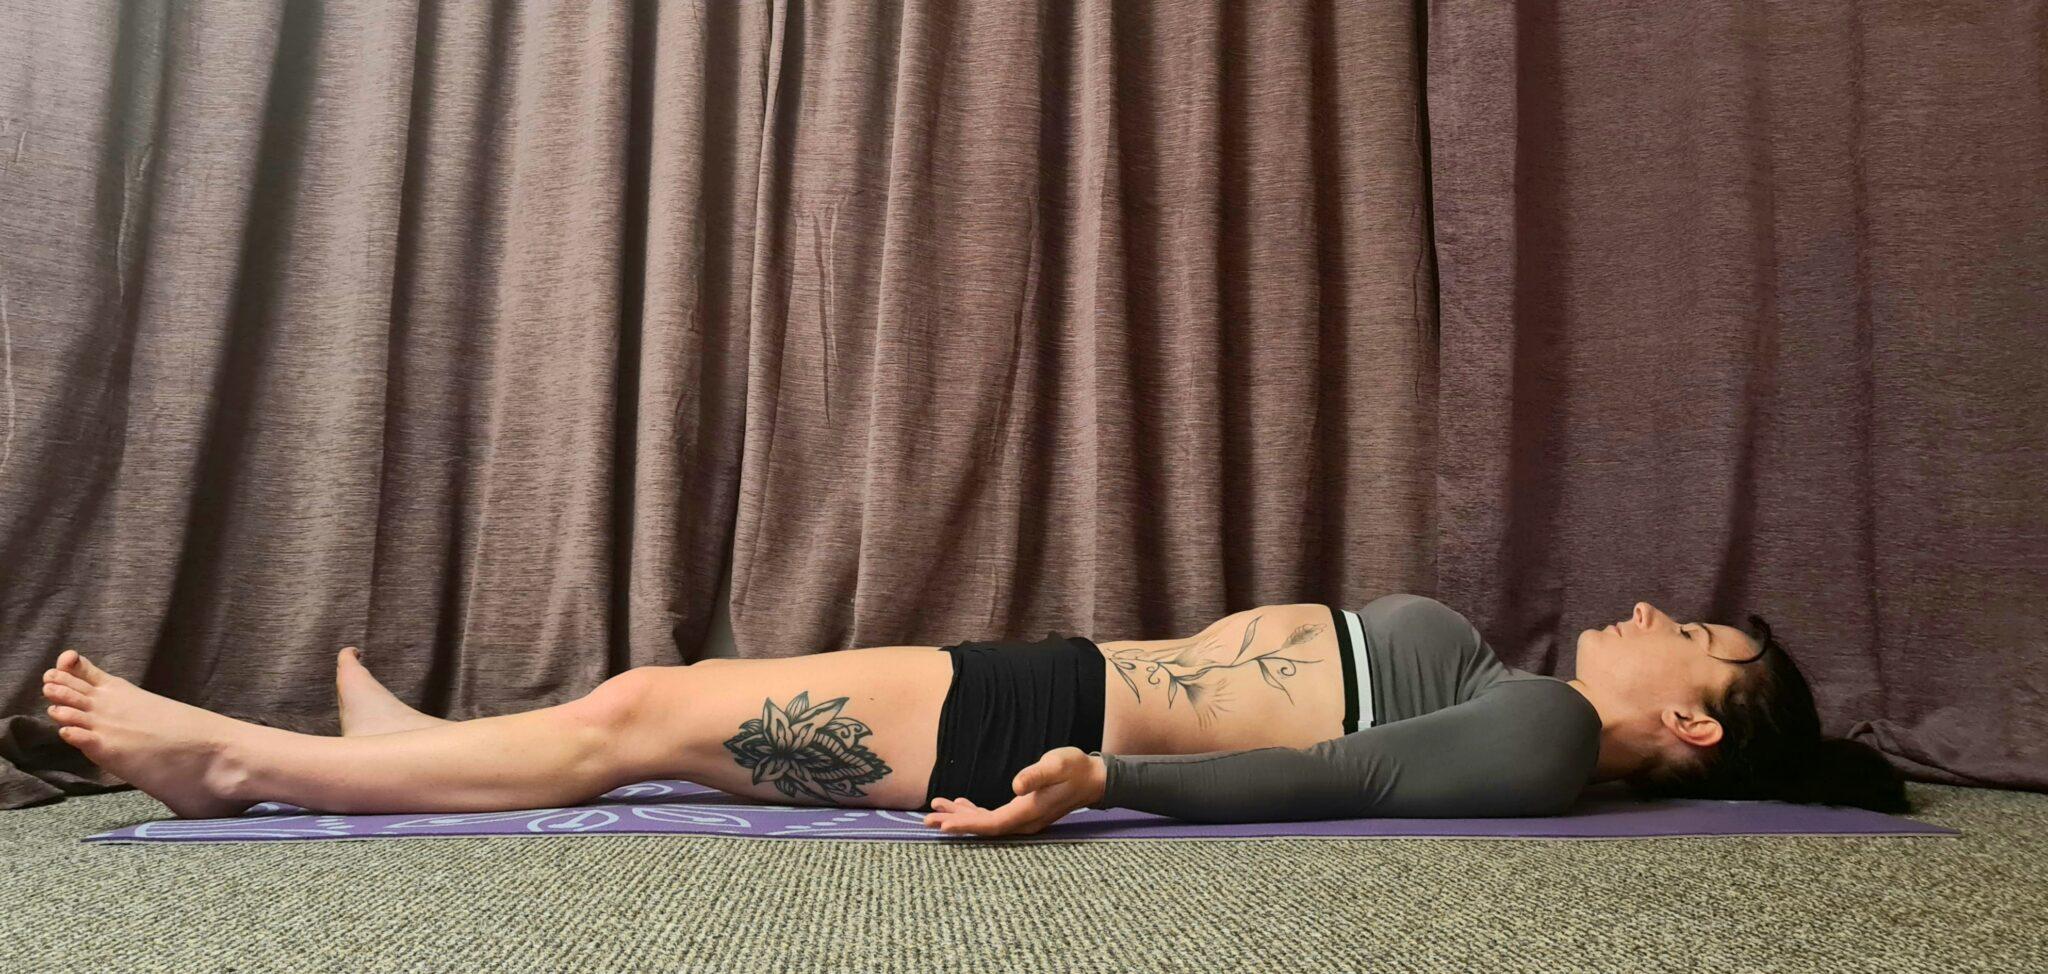 Restorative Yoga sequence - Savasana: Corpse Pose